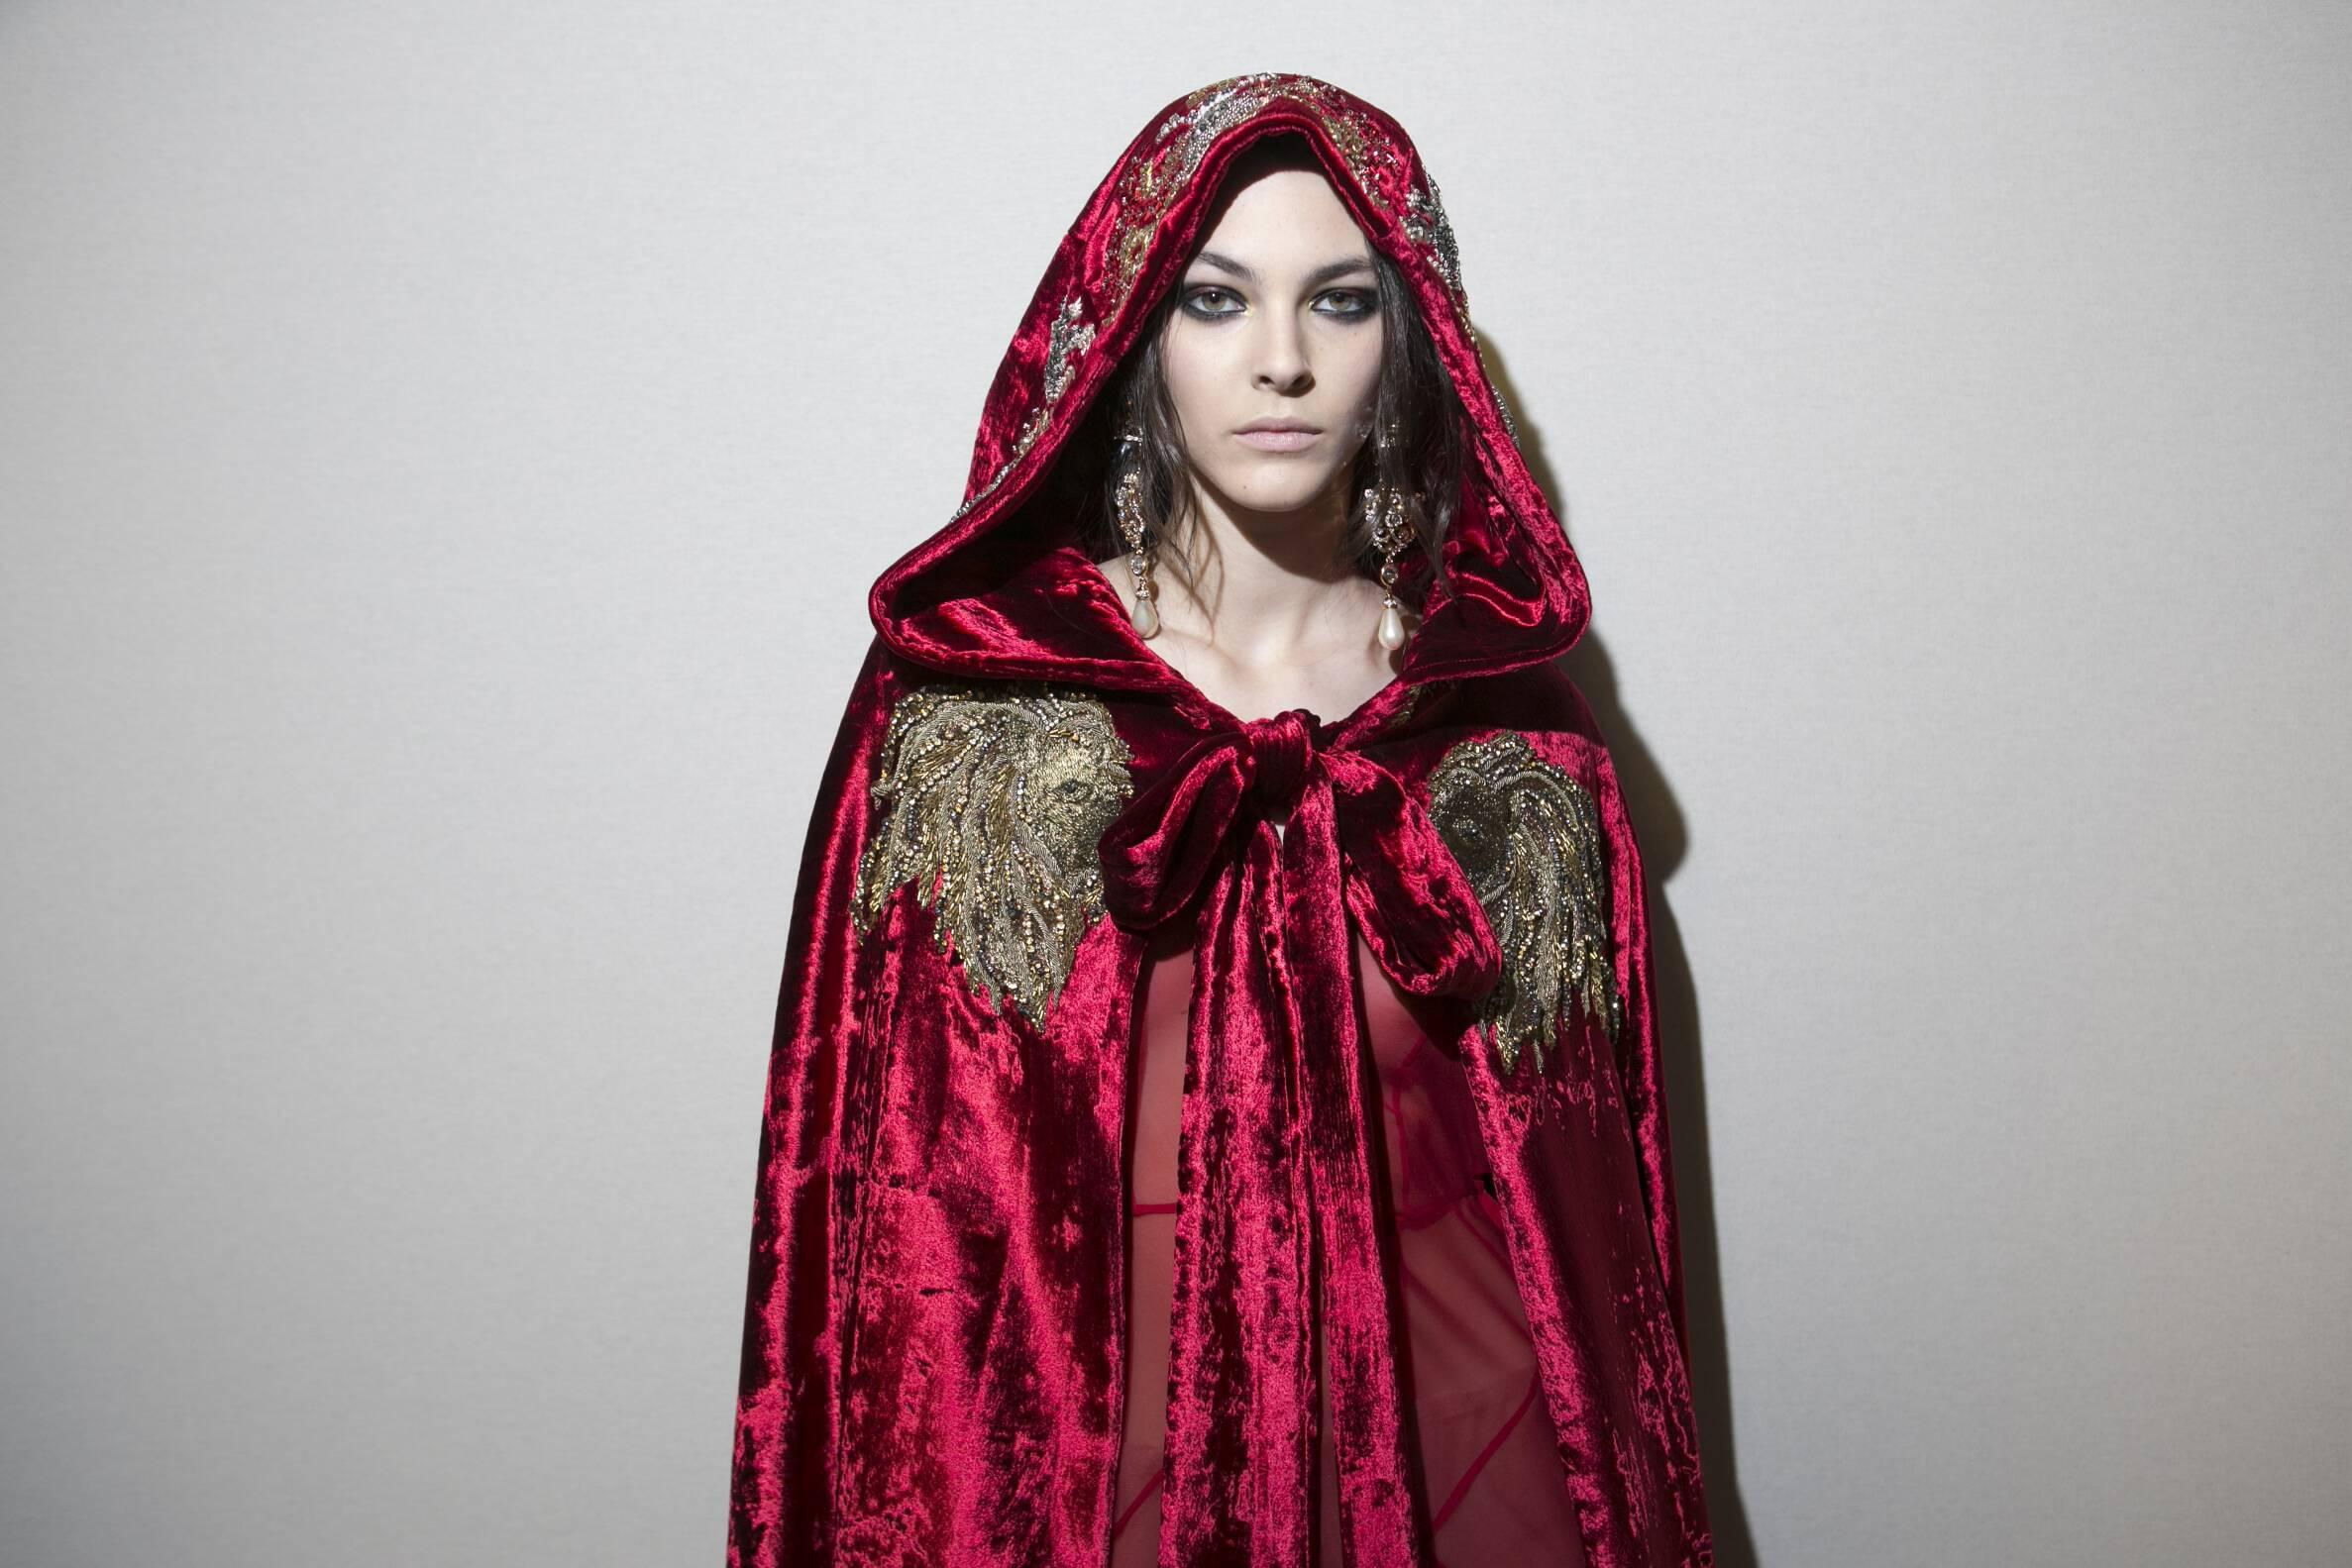 2017 Model Backstage Alberta Ferretti